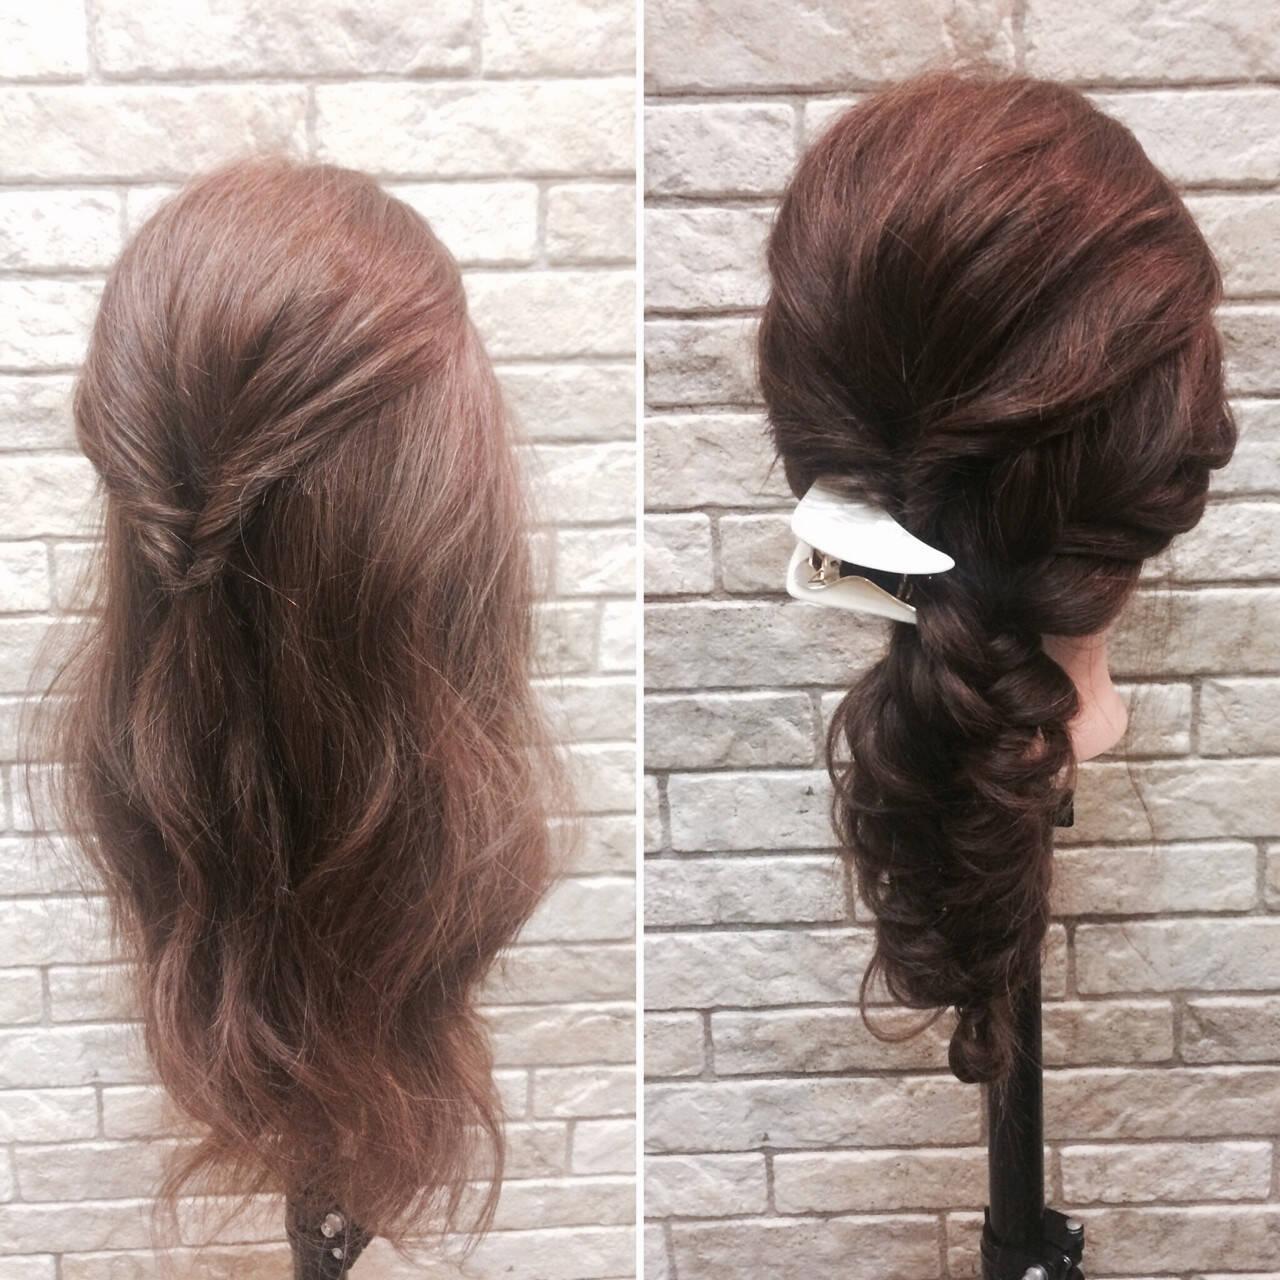 ミディアム ナチュラル デート 簡単ヘアアレンジヘアスタイルや髪型の写真・画像